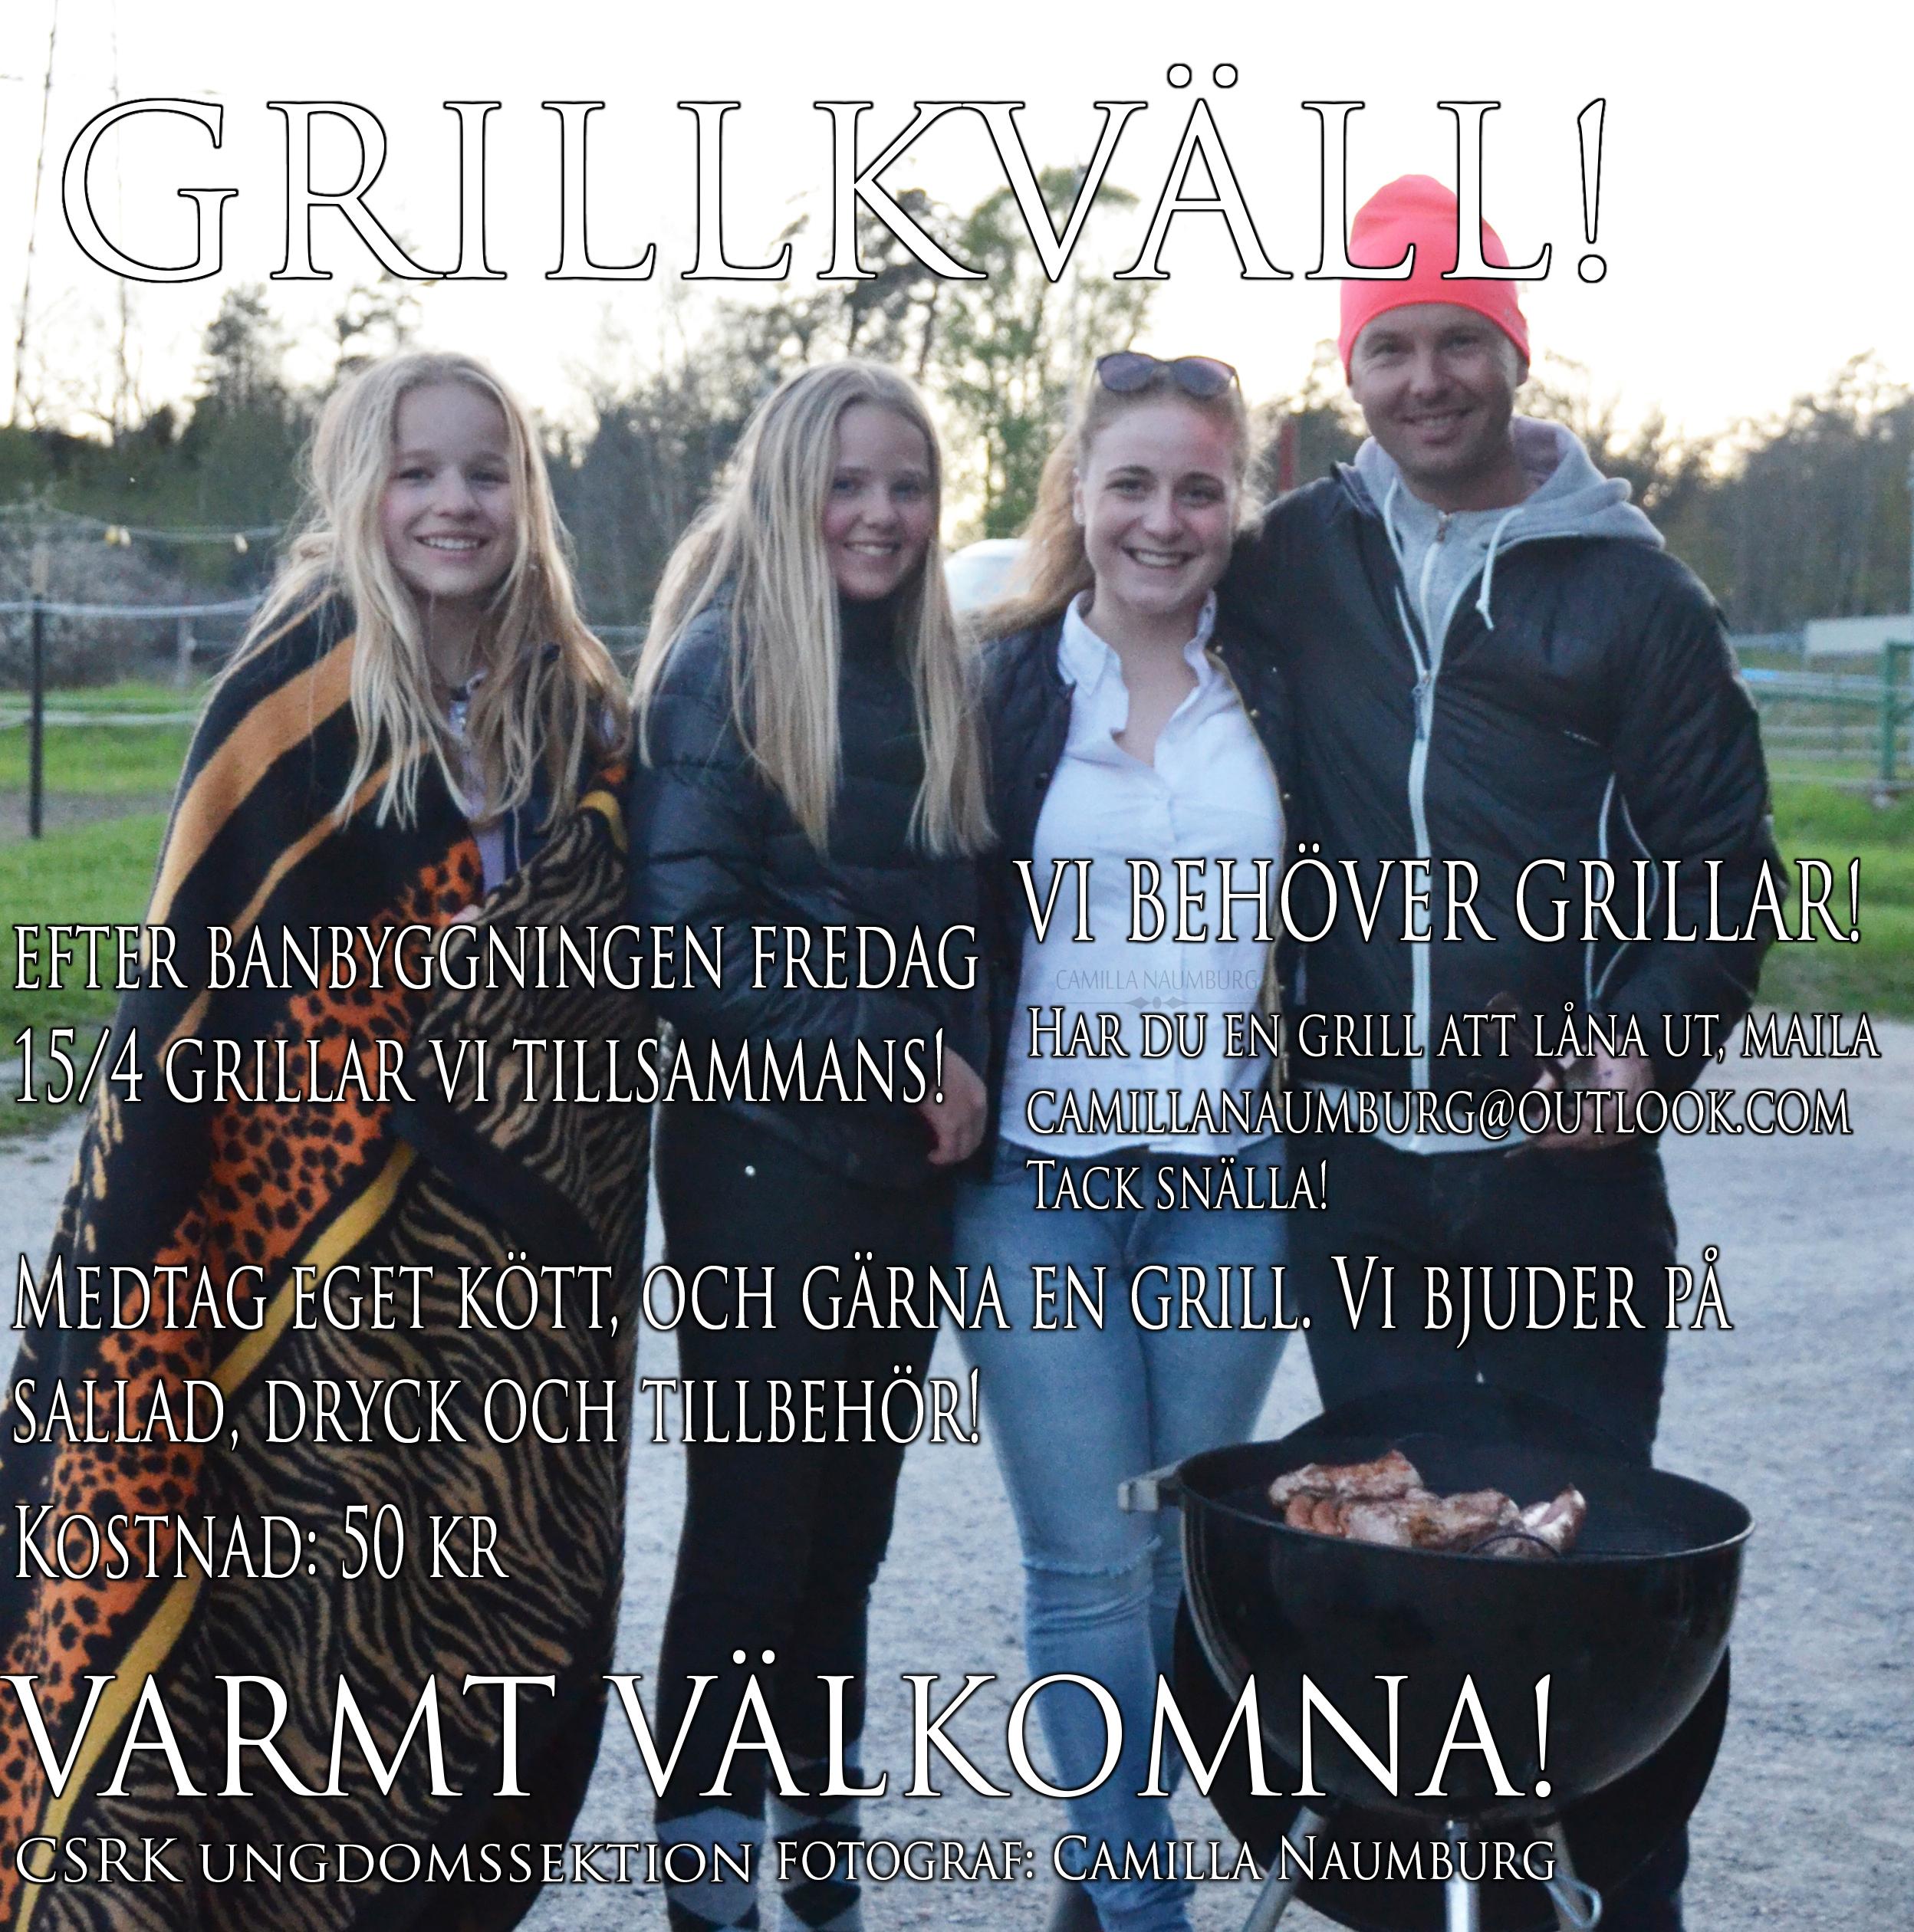 grillvkällll